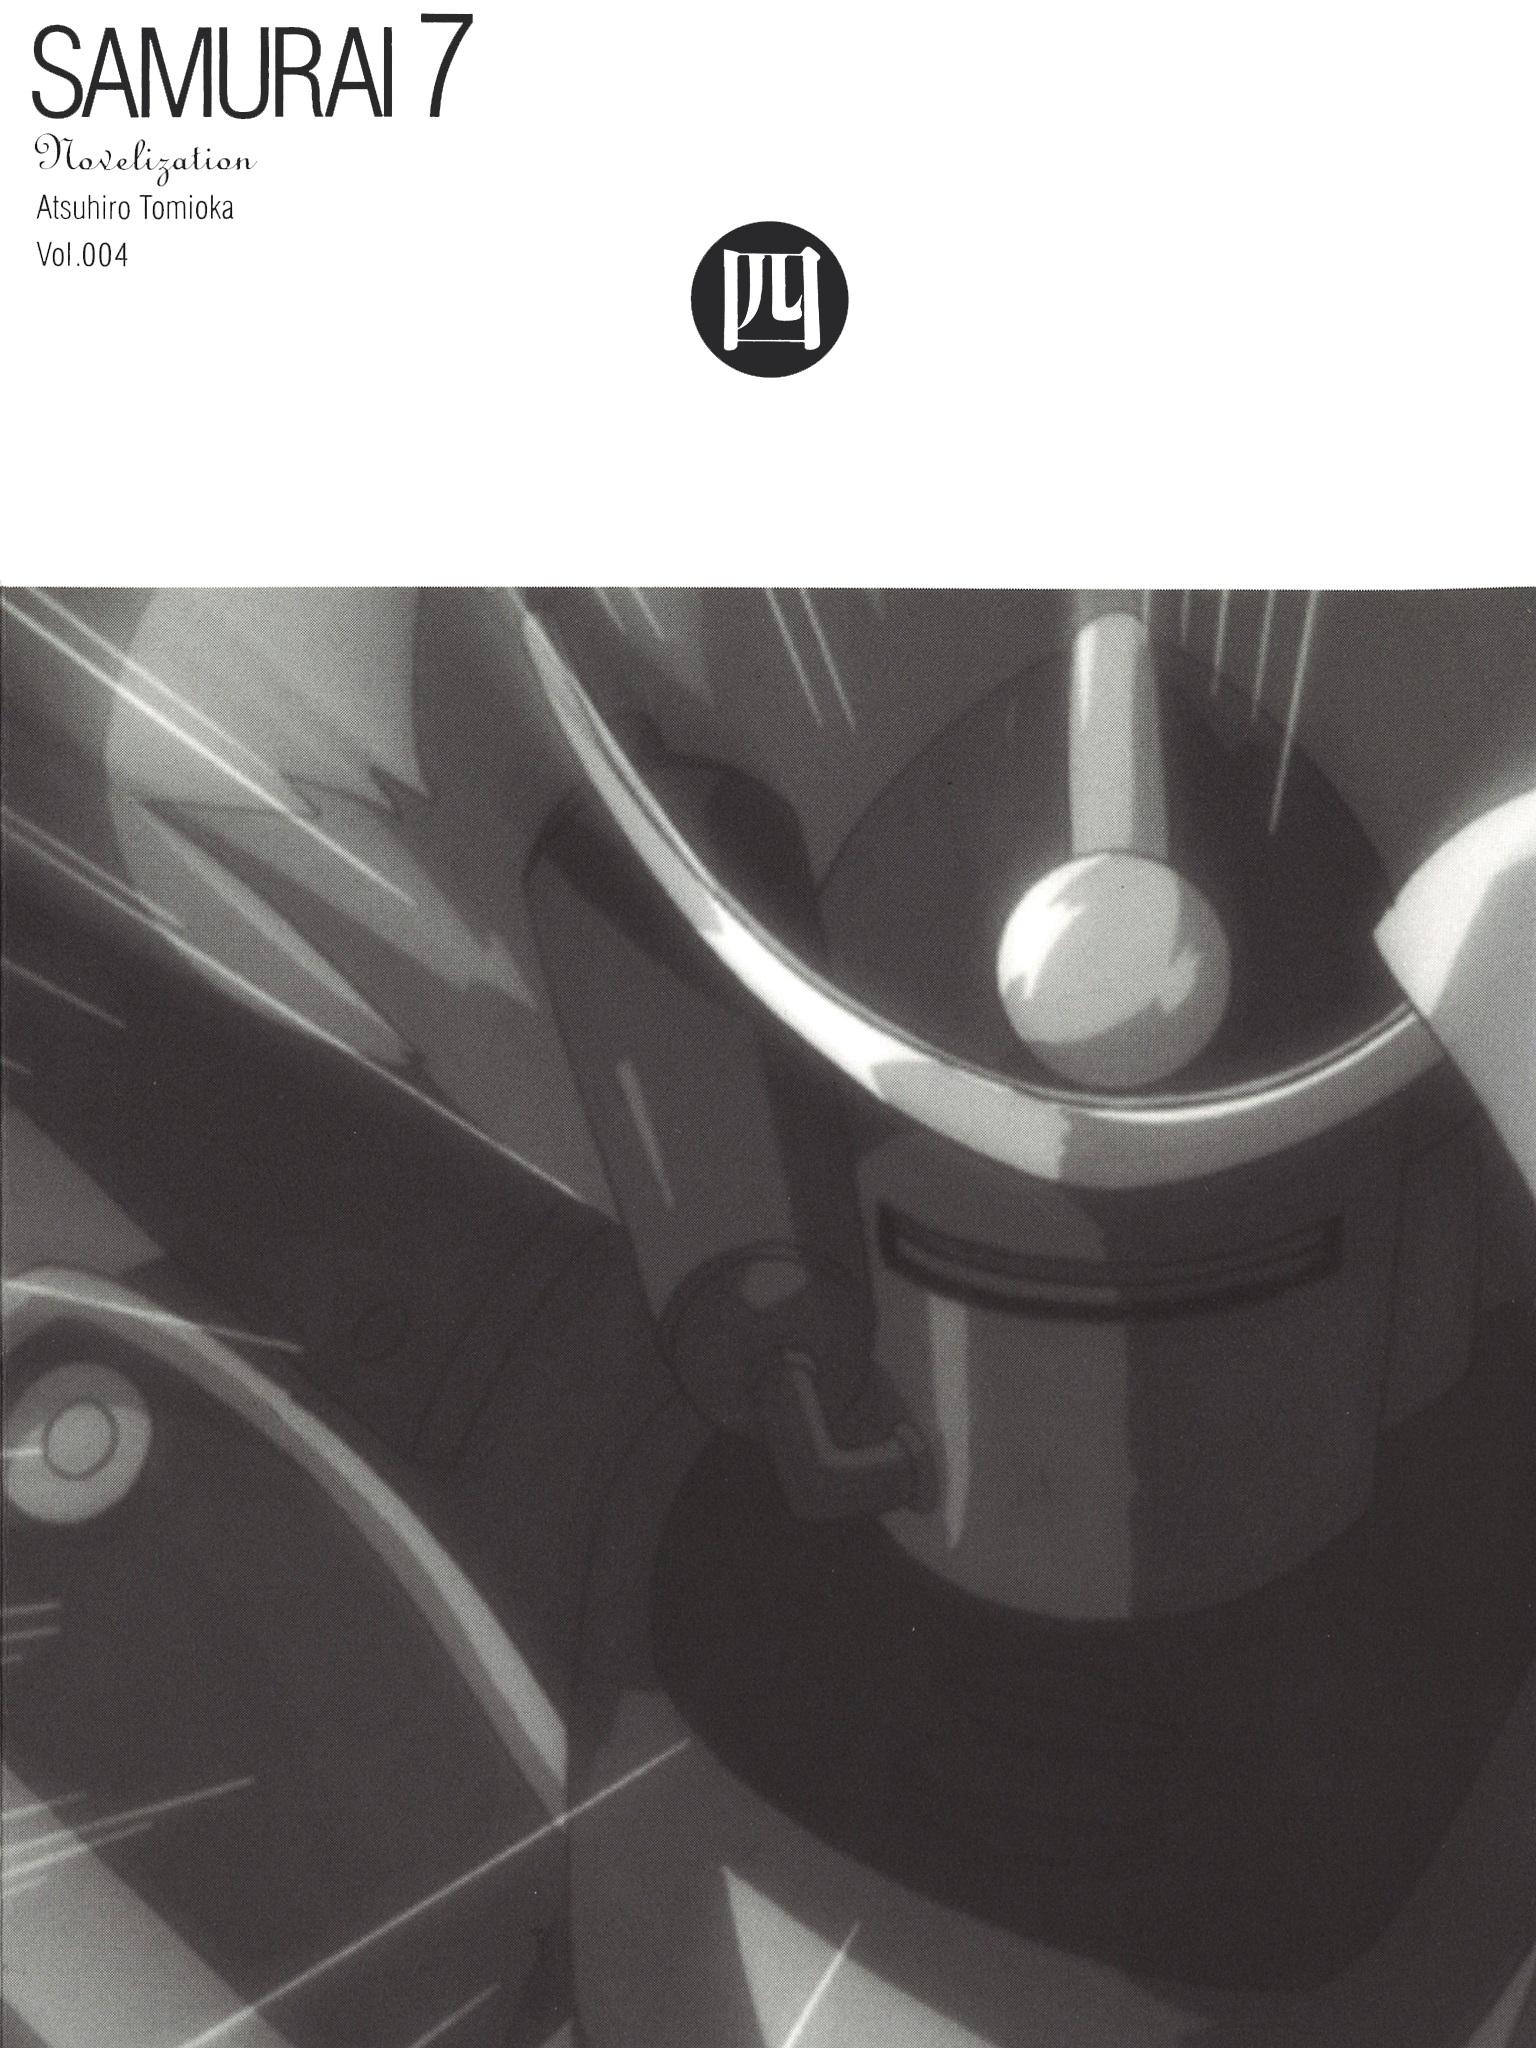 〔小説〕SAMURAI7 第四巻